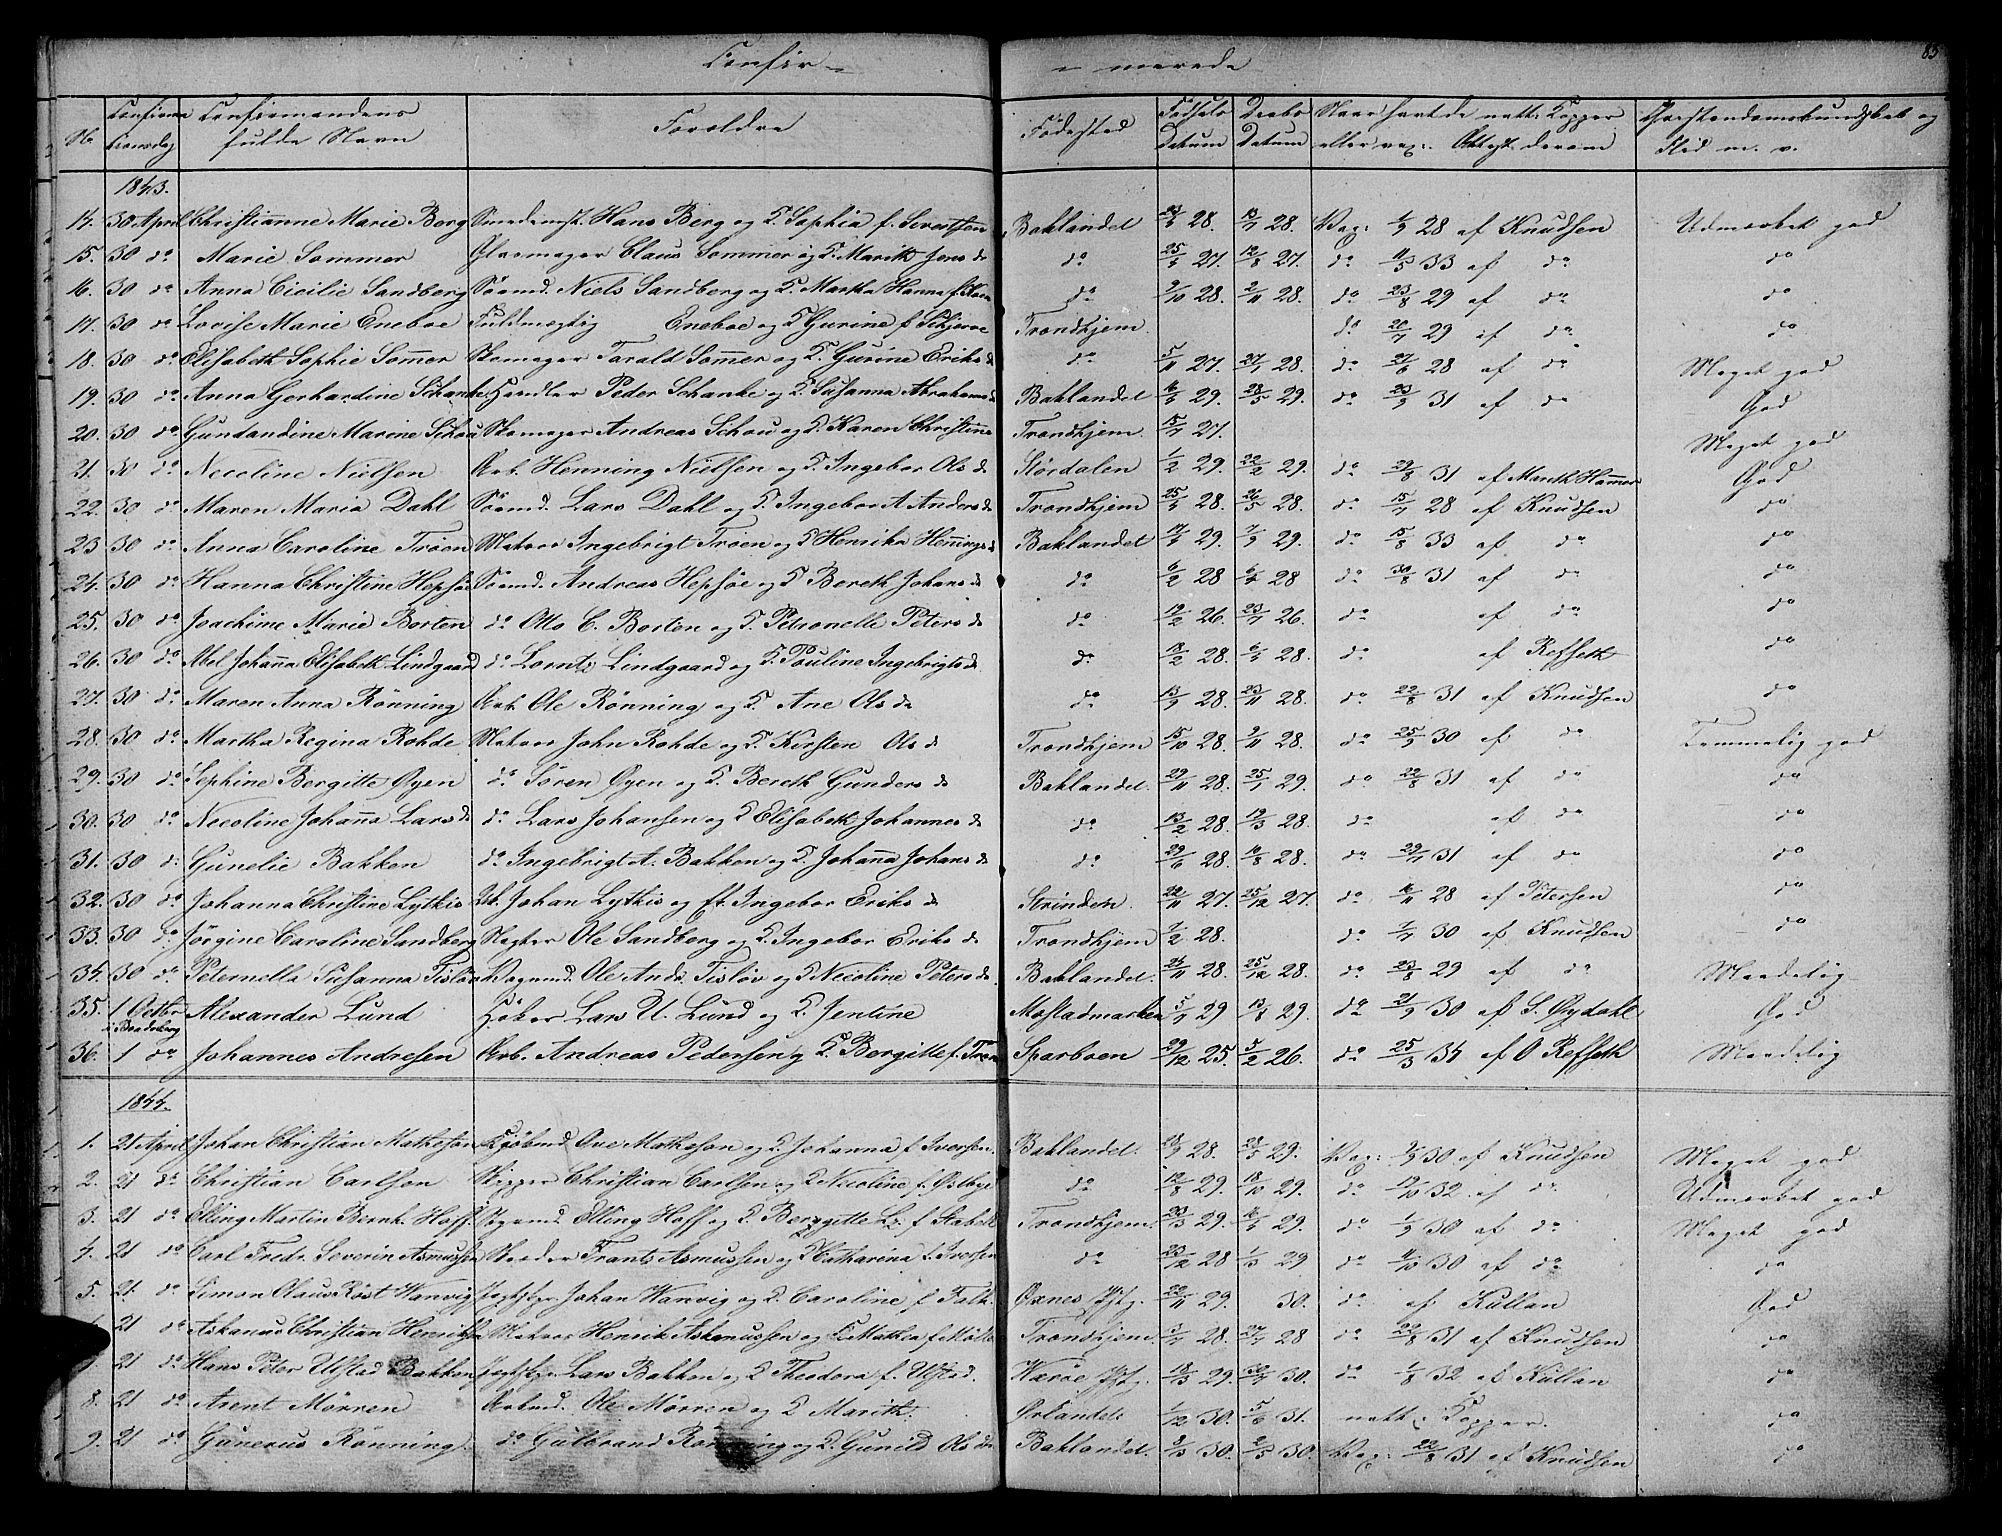 SAT, Ministerialprotokoller, klokkerbøker og fødselsregistre - Sør-Trøndelag, 604/L0182: Ministerialbok nr. 604A03, 1818-1850, s. 83